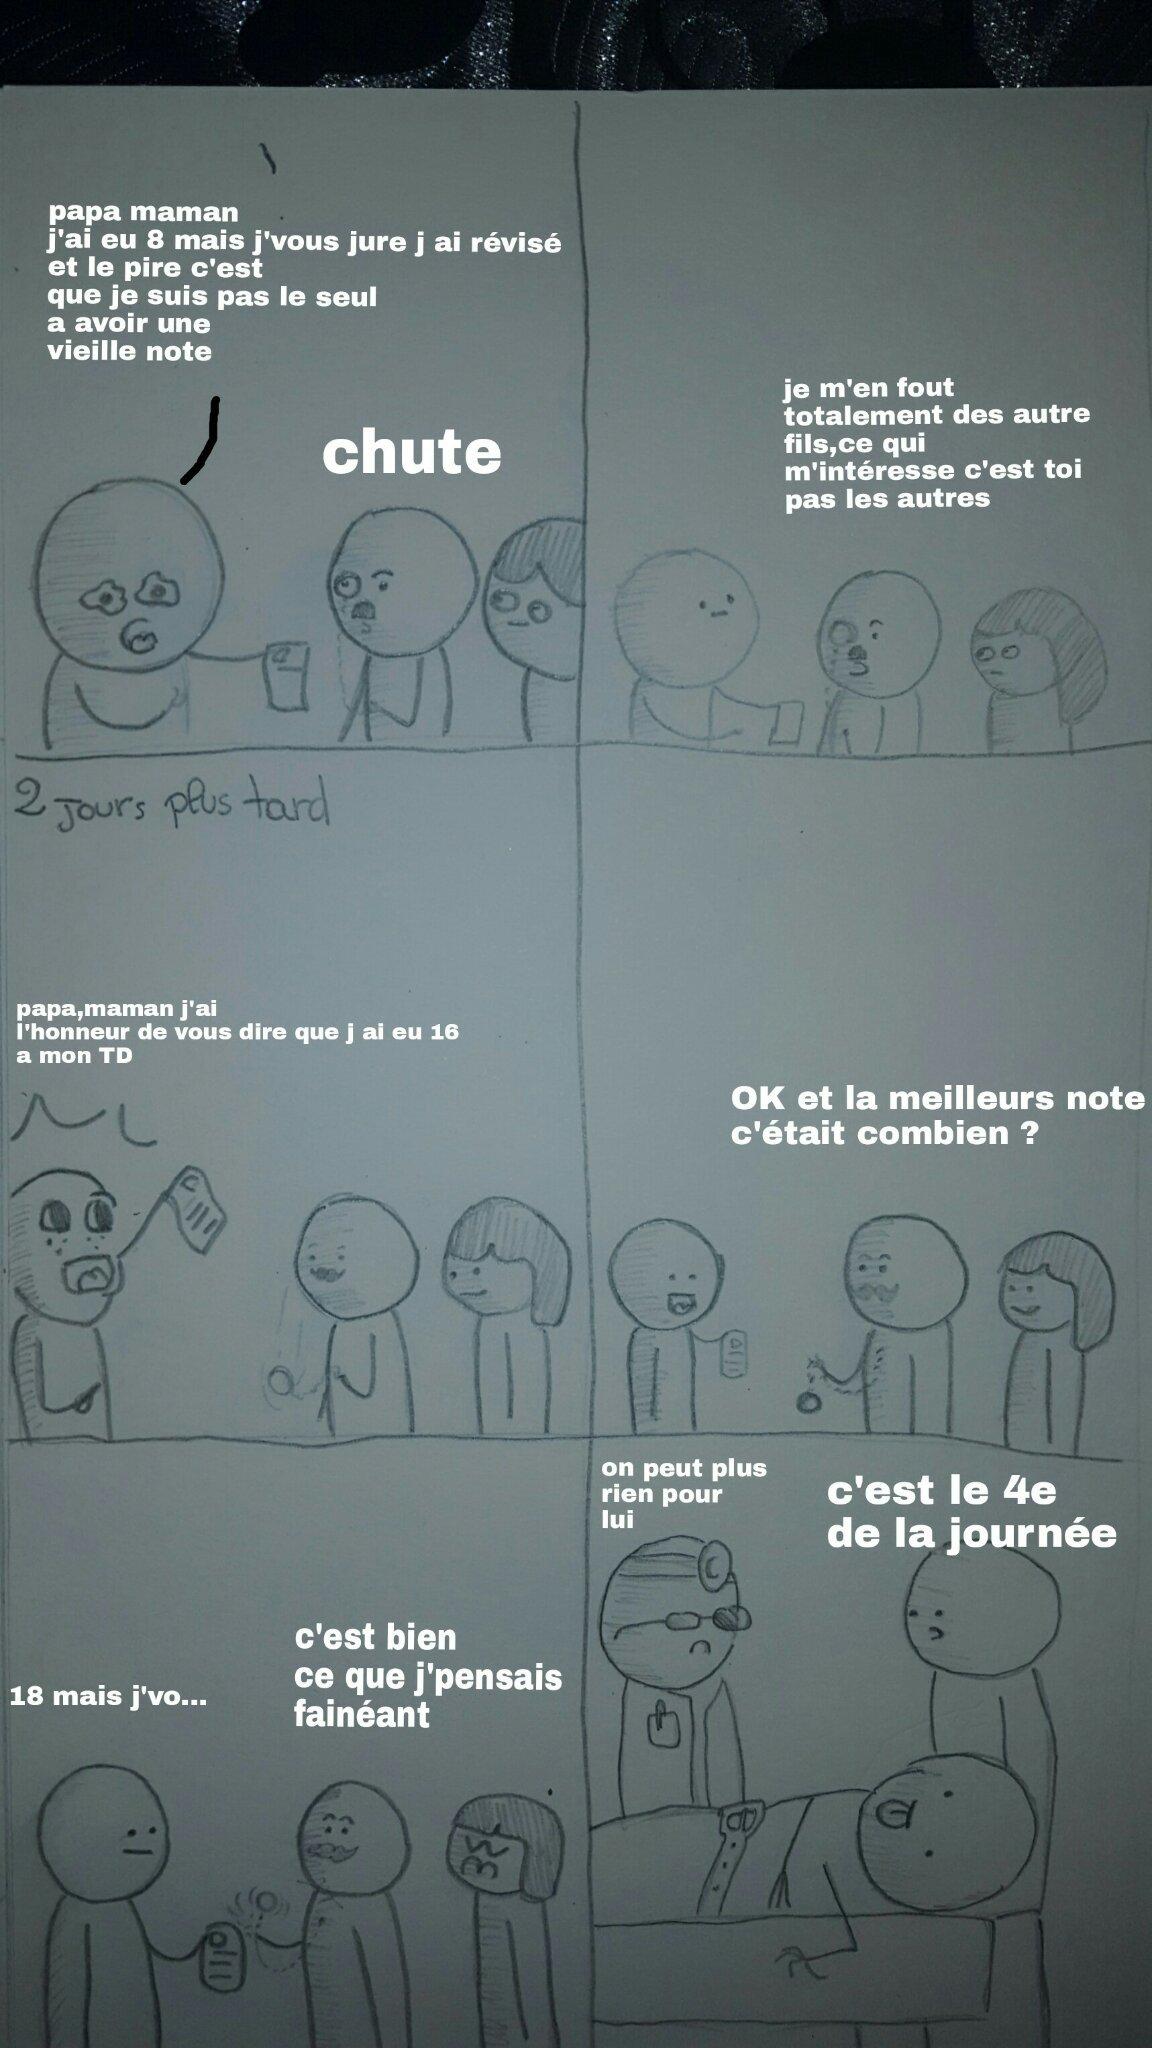 Proposé des idee ;) - meme